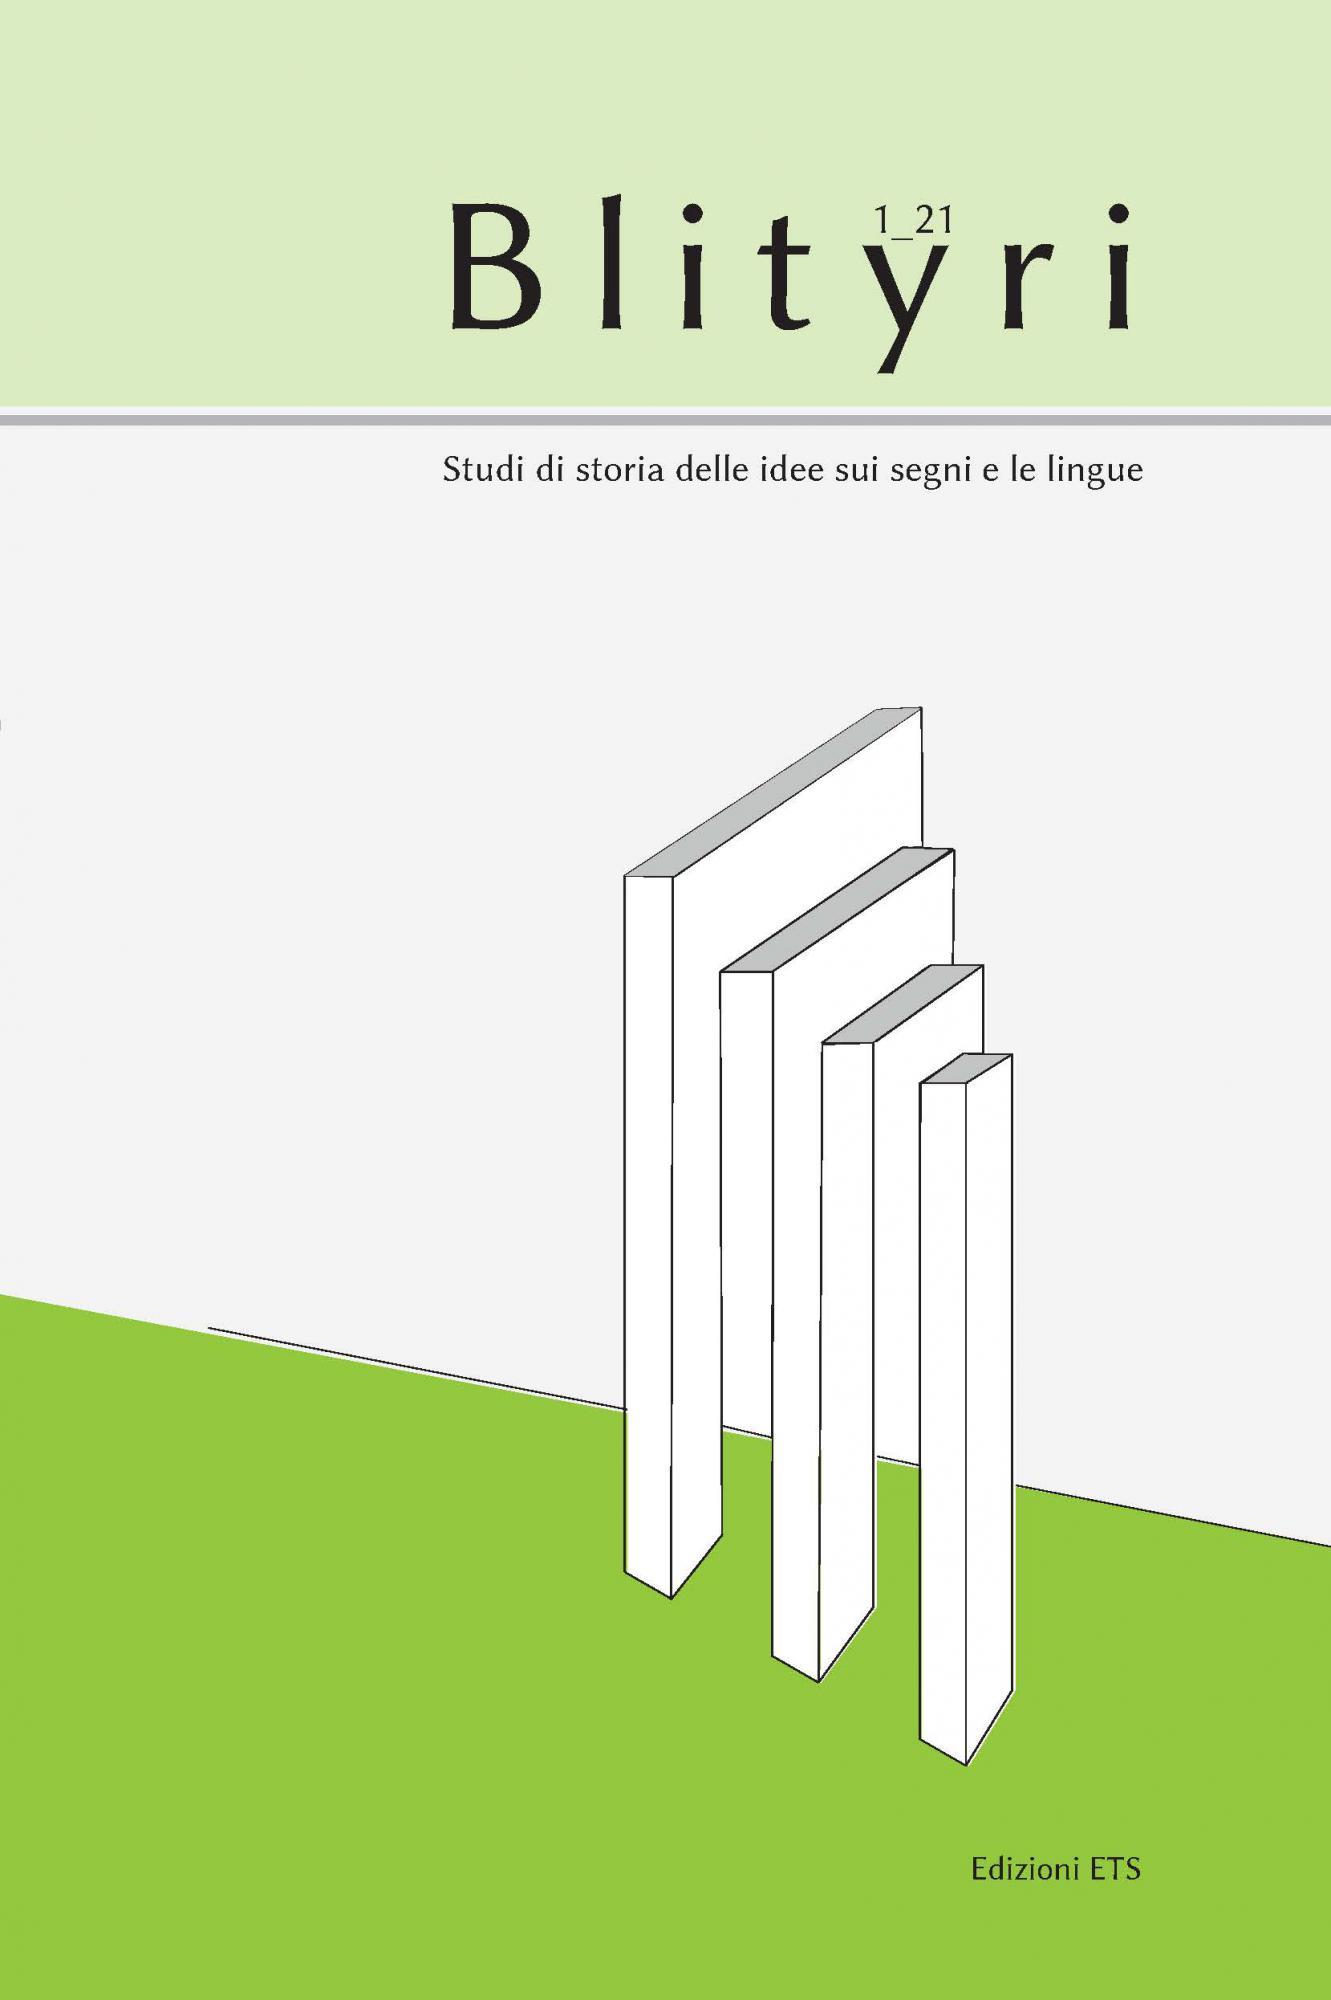 Blityri, X, 1, 2021.Studi di storia delle idee sui segni e le lingue